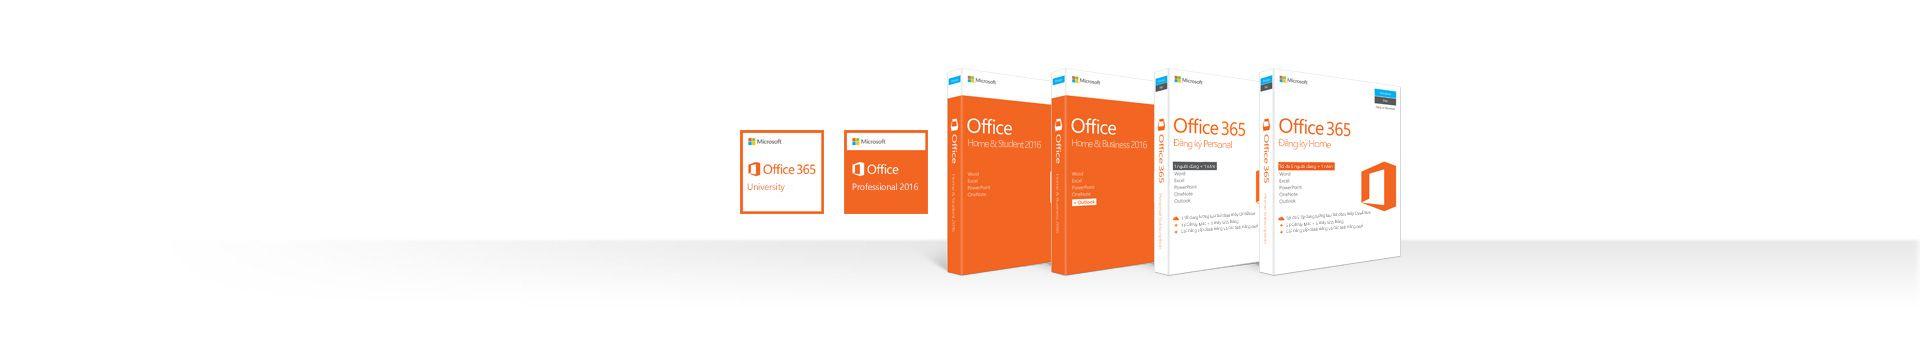 Một hàng hộp các sản phẩm Office 2016 và Office 365 dành cho PC